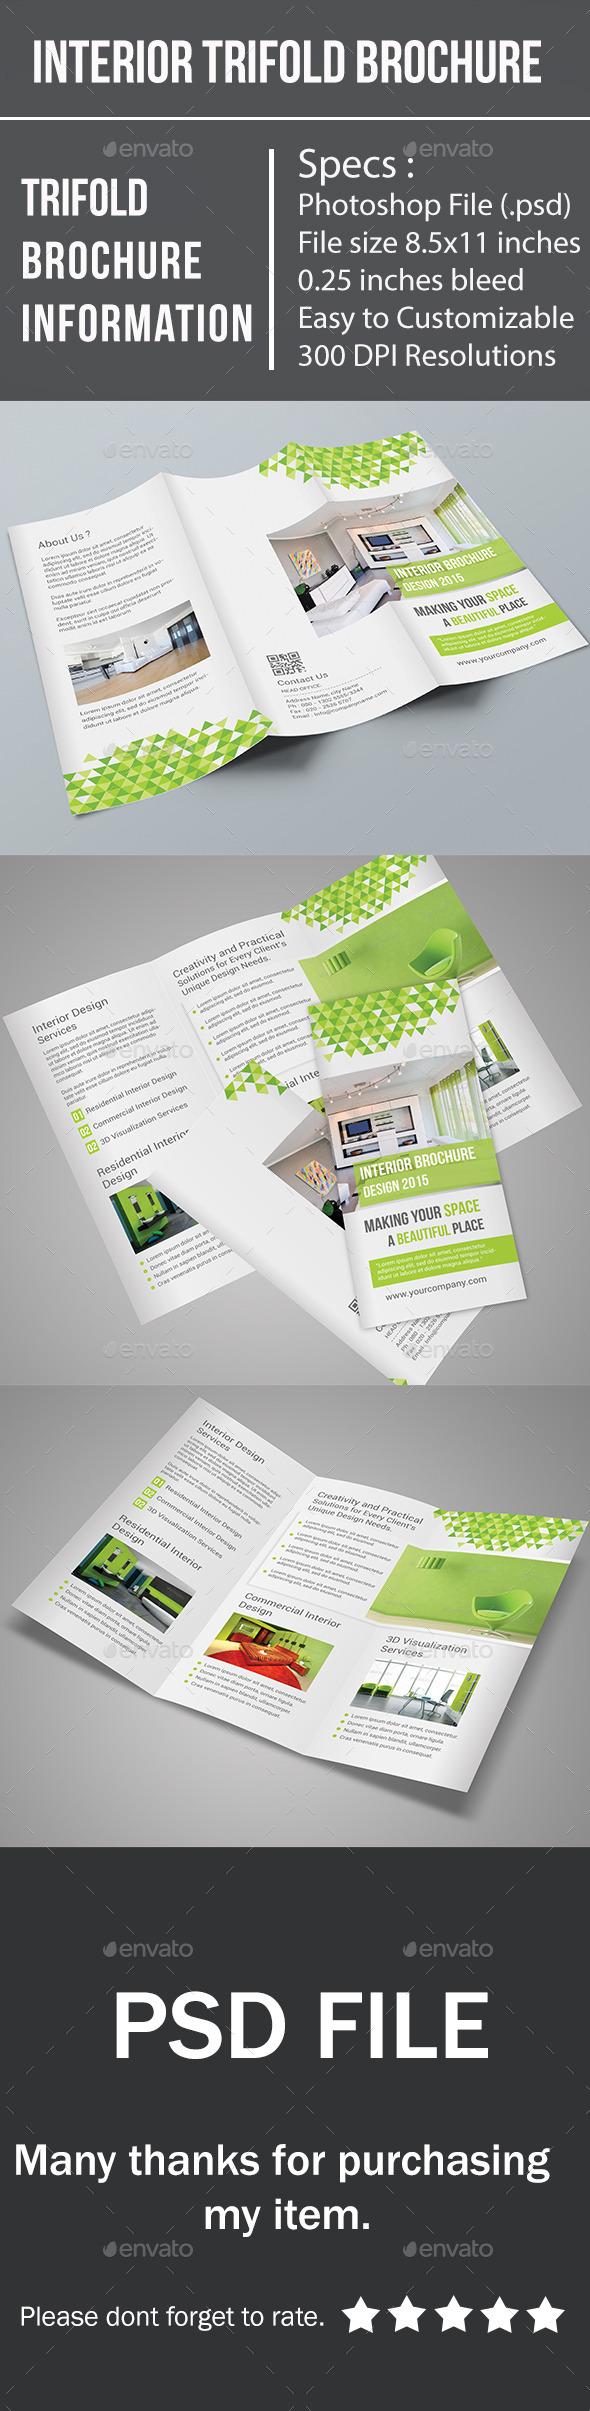 GraphicRiver Interior Trifold Brochure 10133576